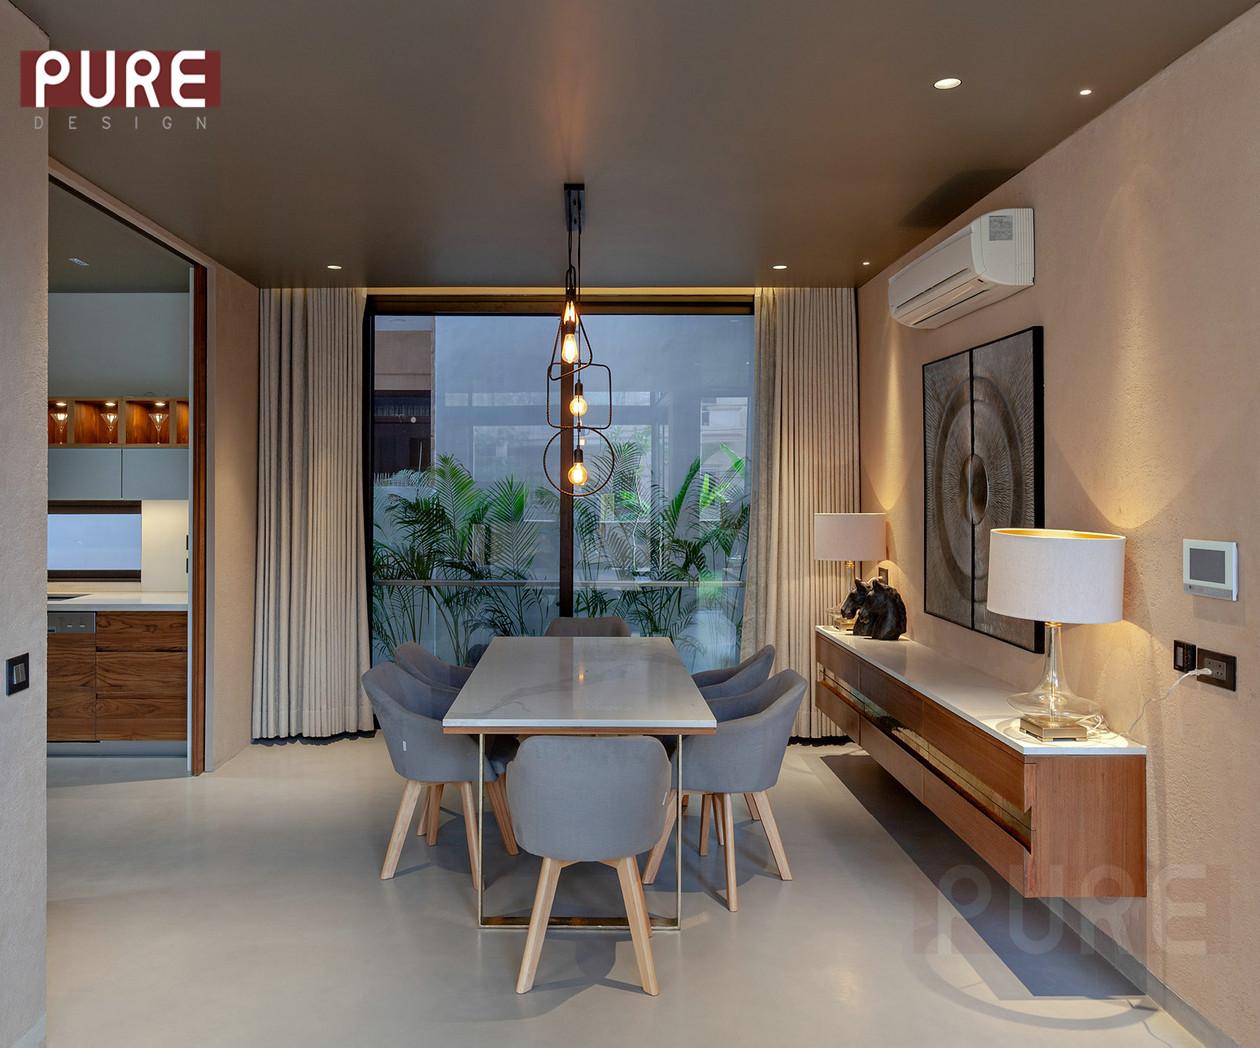 2019 Diseño Interior Moderno Y Muebles Casa Comedor Exterior Diseño - Buy  Diseño Interior Moderno Y Muebles,Comedor De Diseño Interior De Casa ...